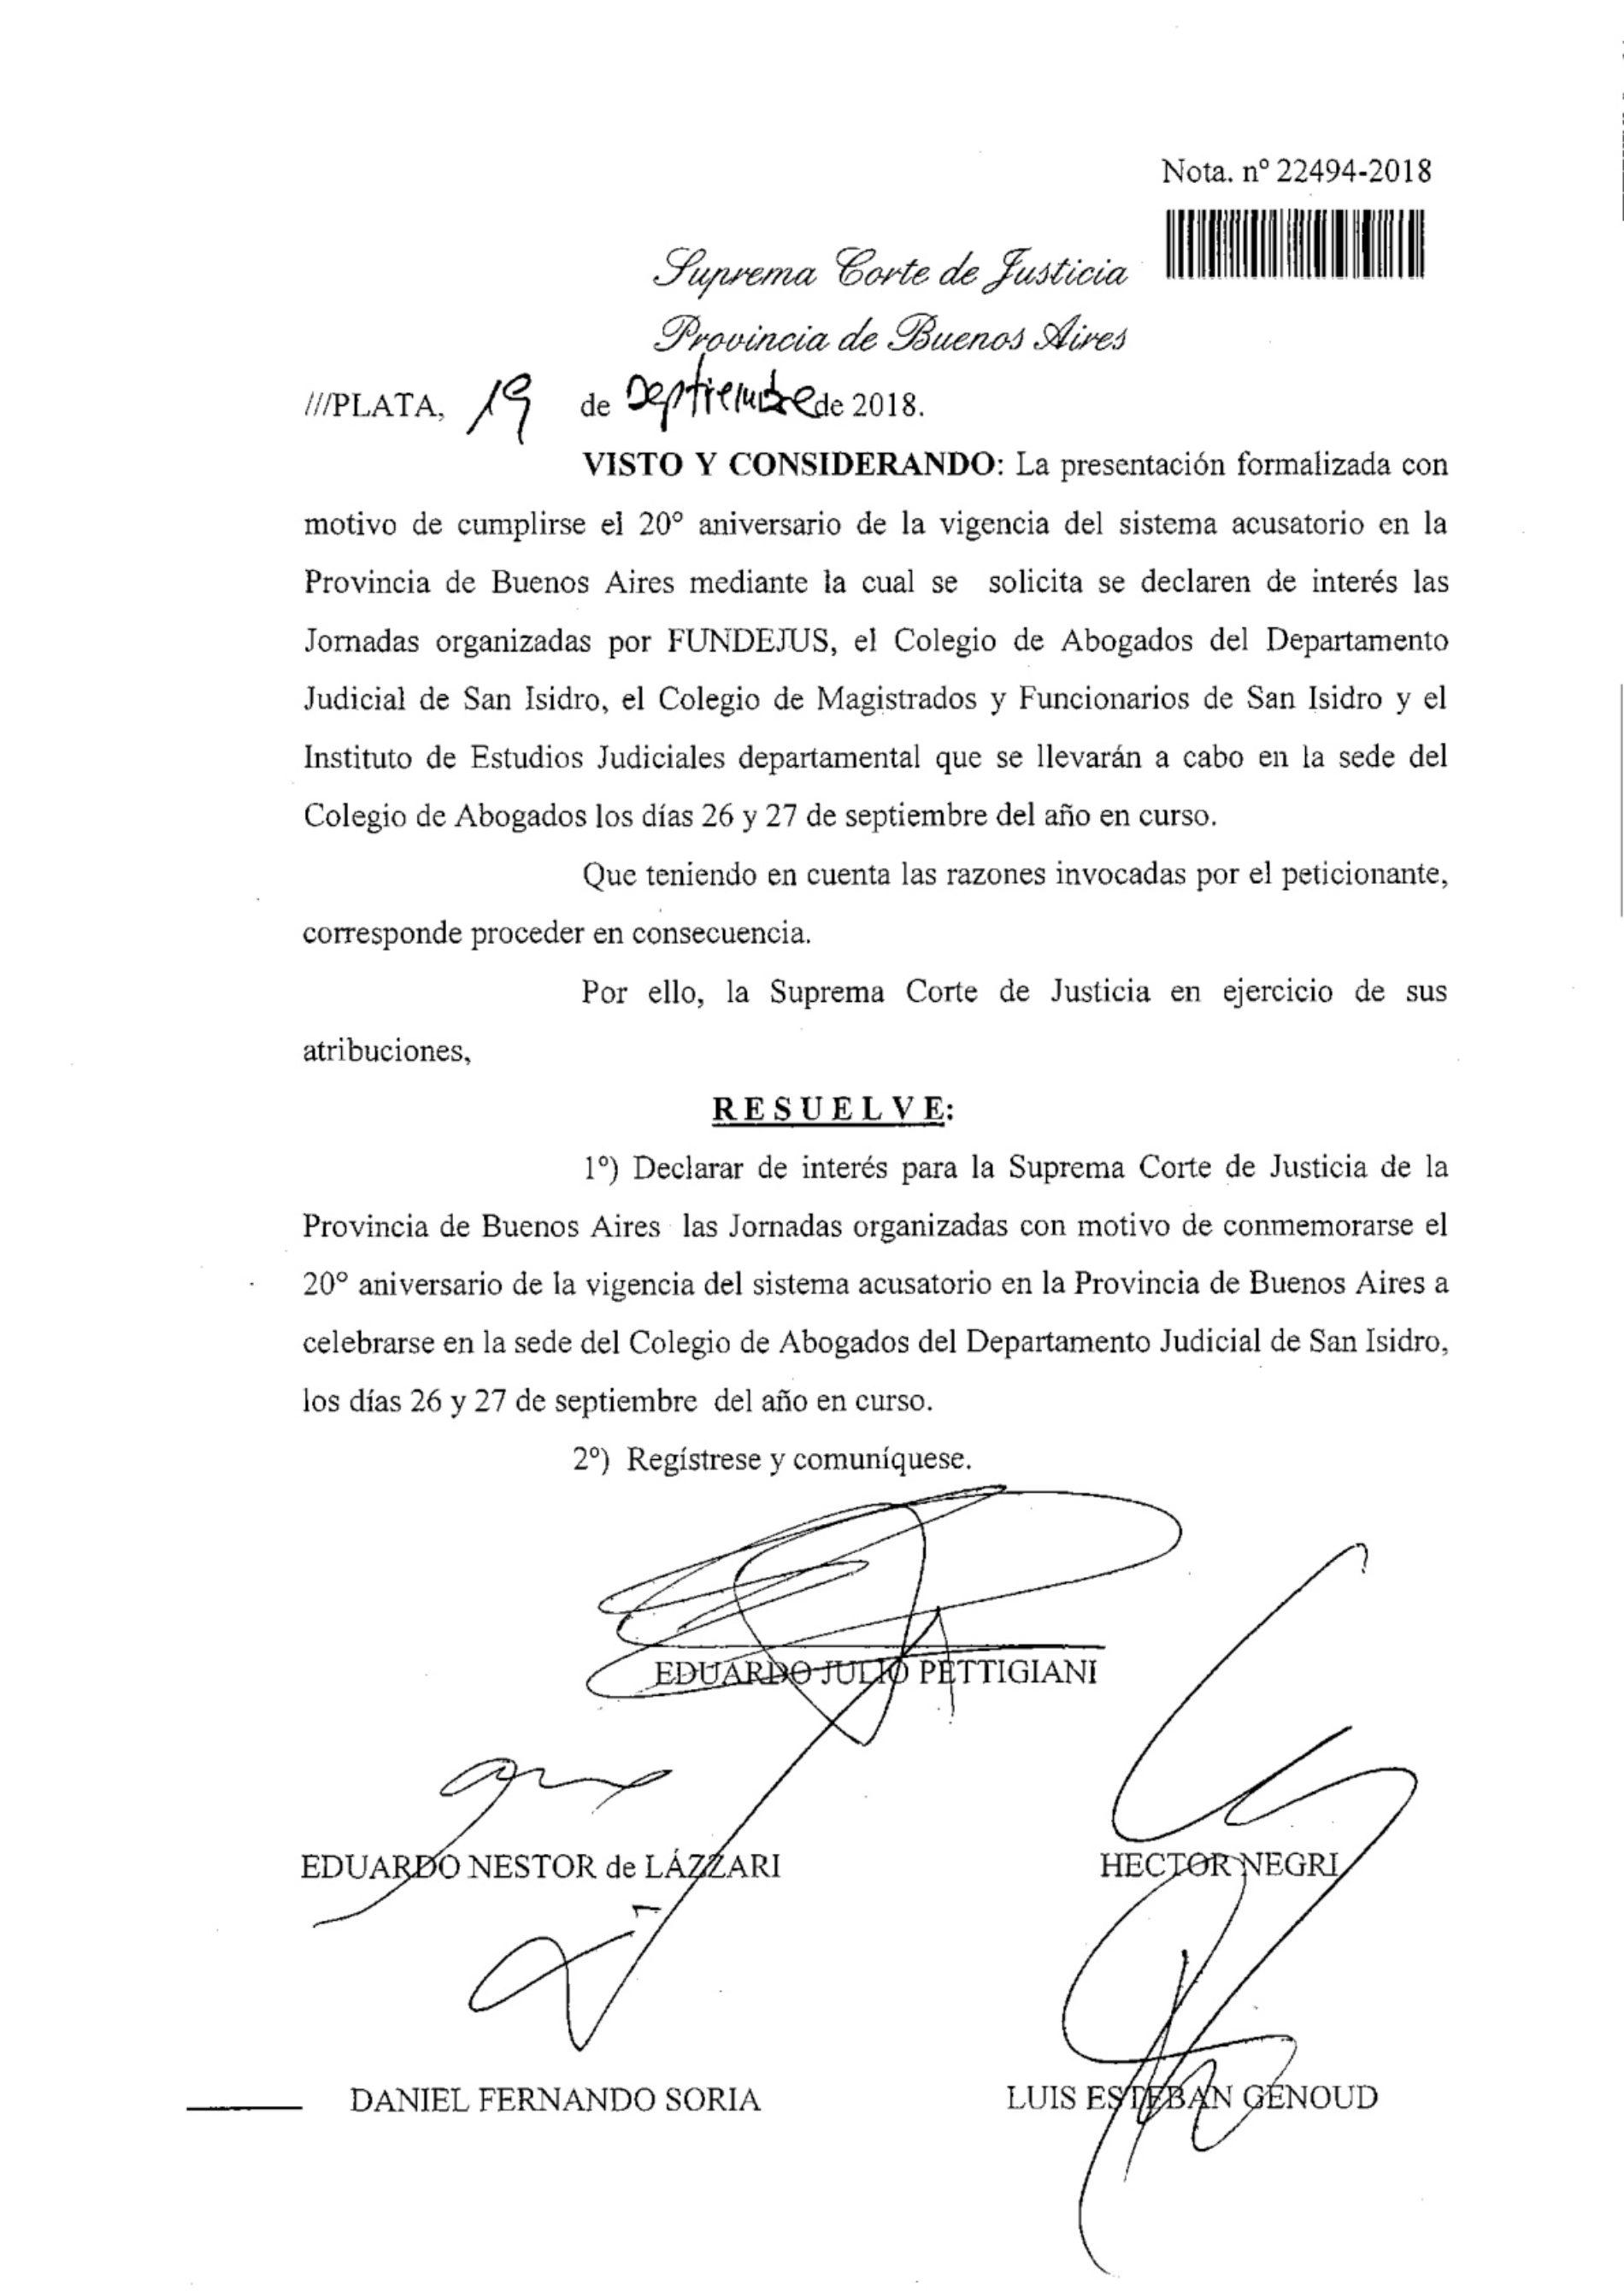 20° aniversario del C.P.P. Bs.As: declaración de interés de la Suprema Corte de Justicia de la Provincia de Buenos Aires.